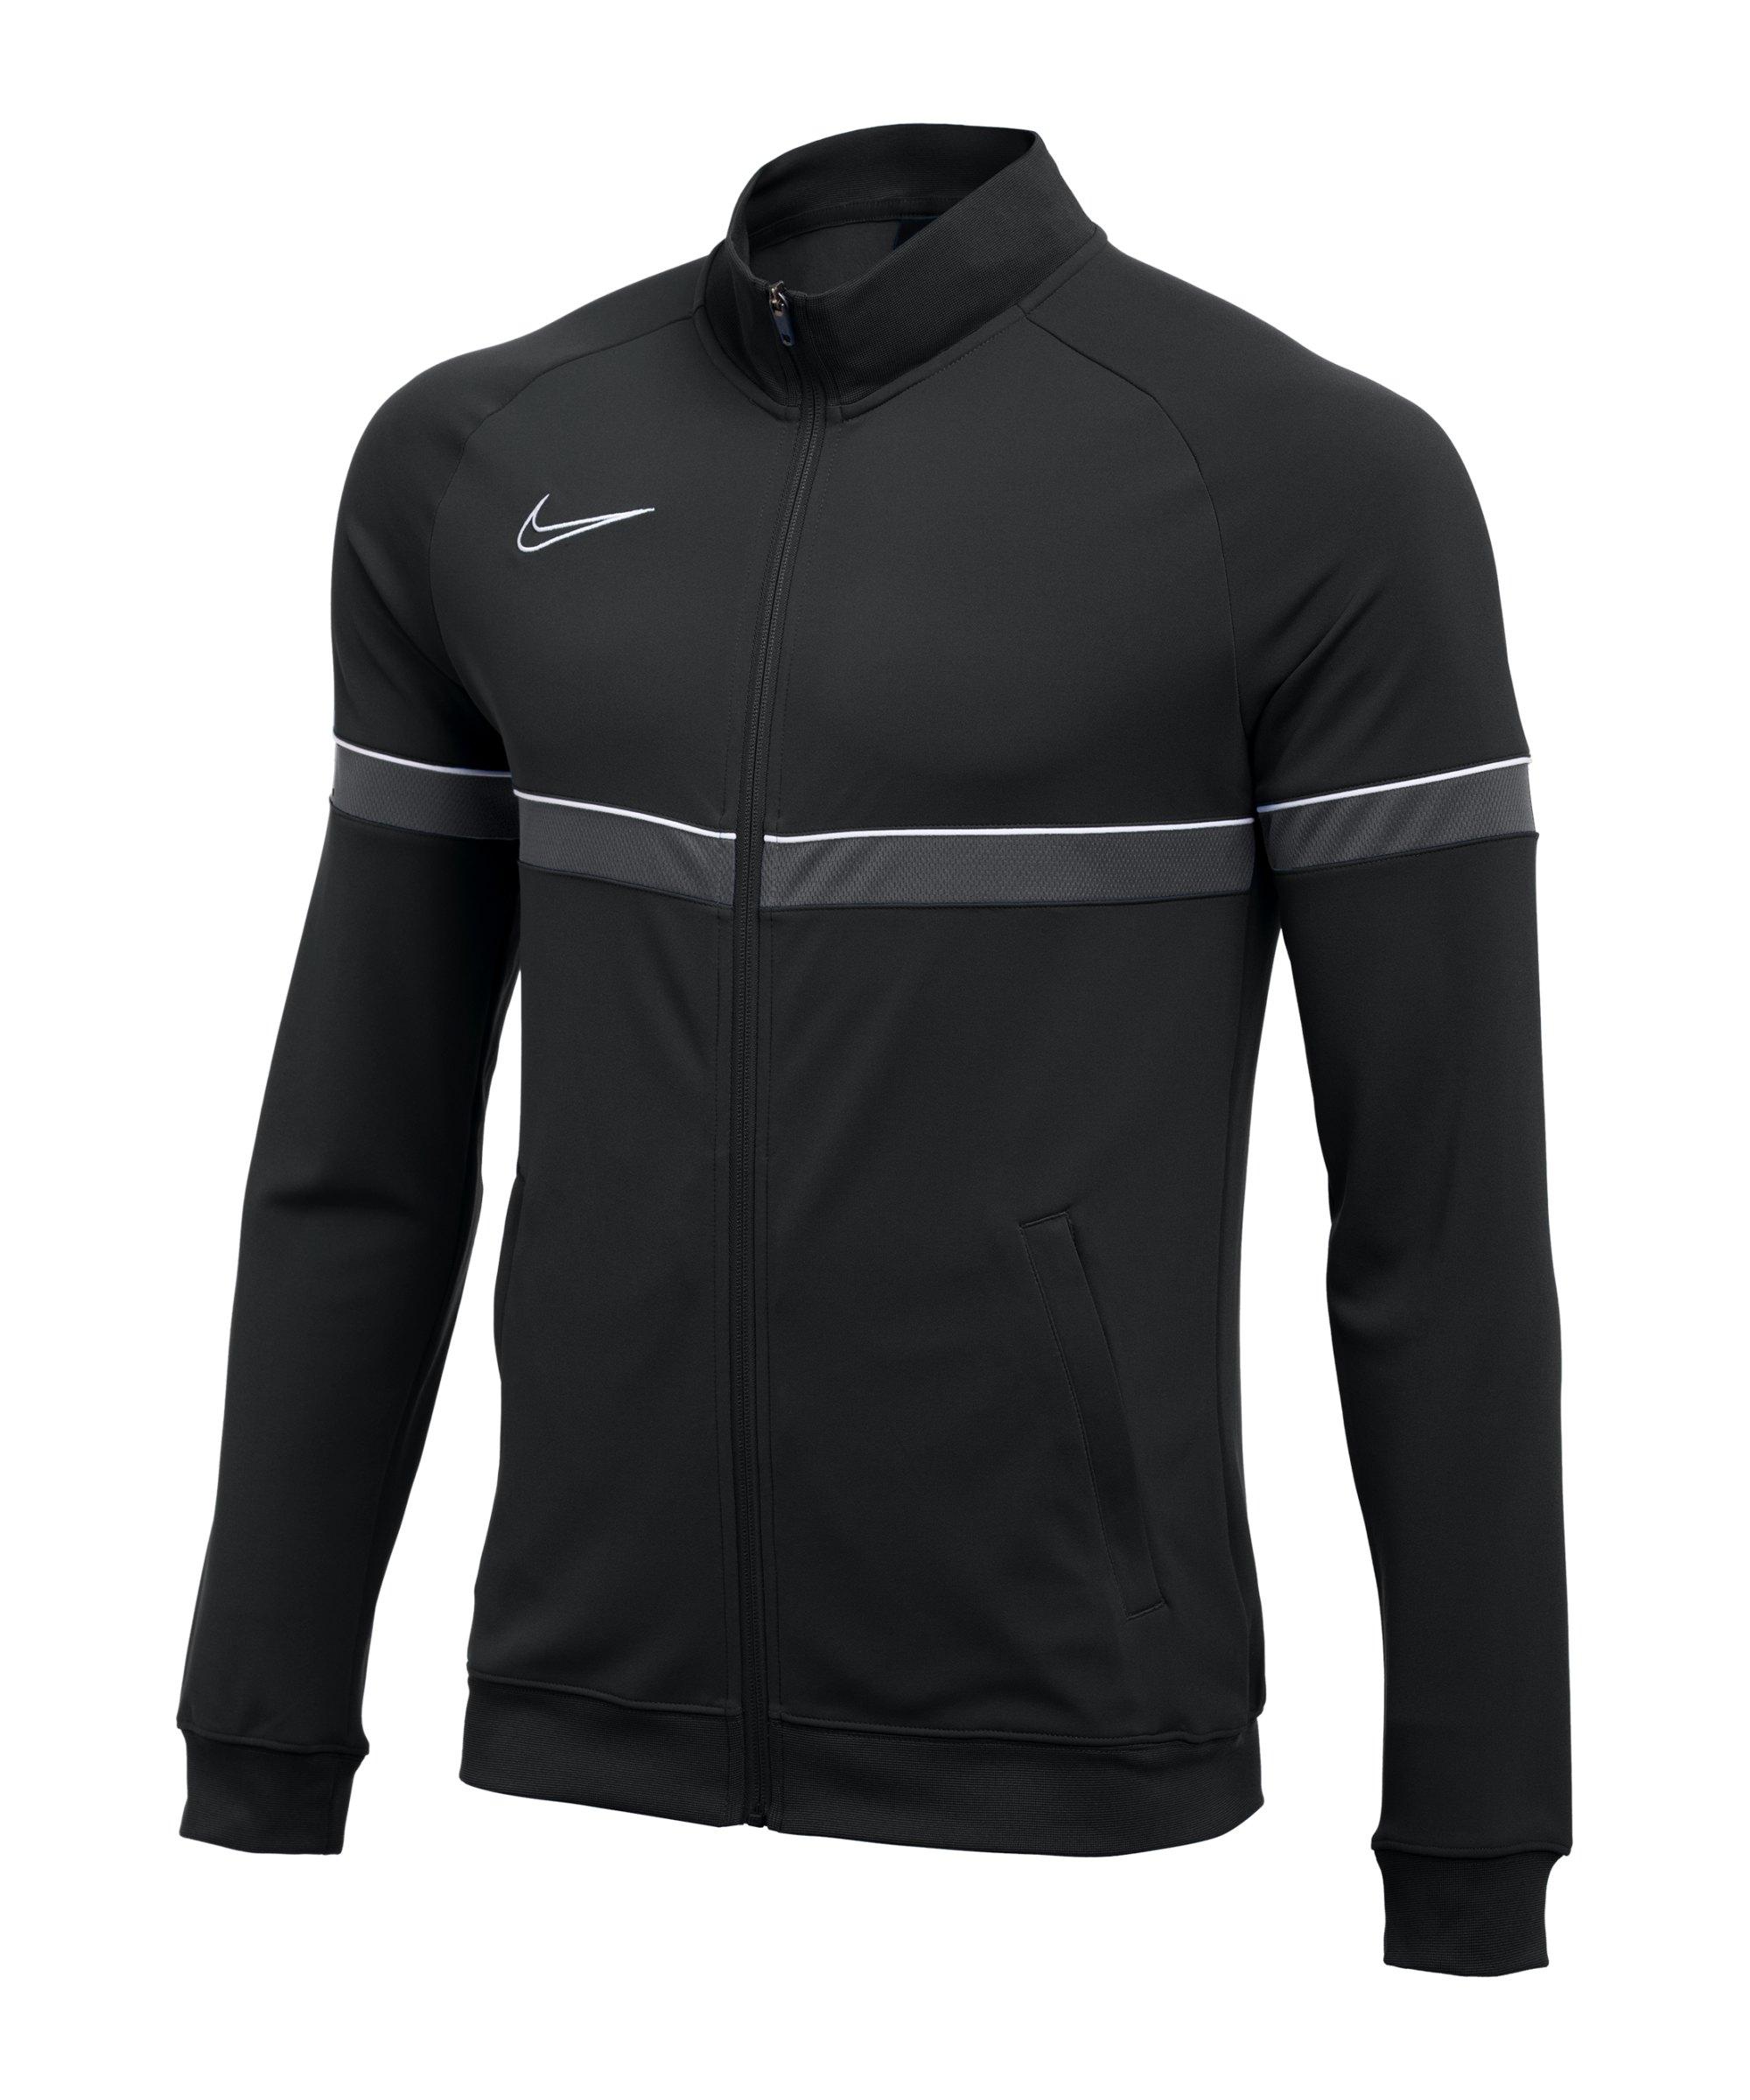 Nike Academy 21 Knit Trainingsjacke Schwarz F014 - schwarz